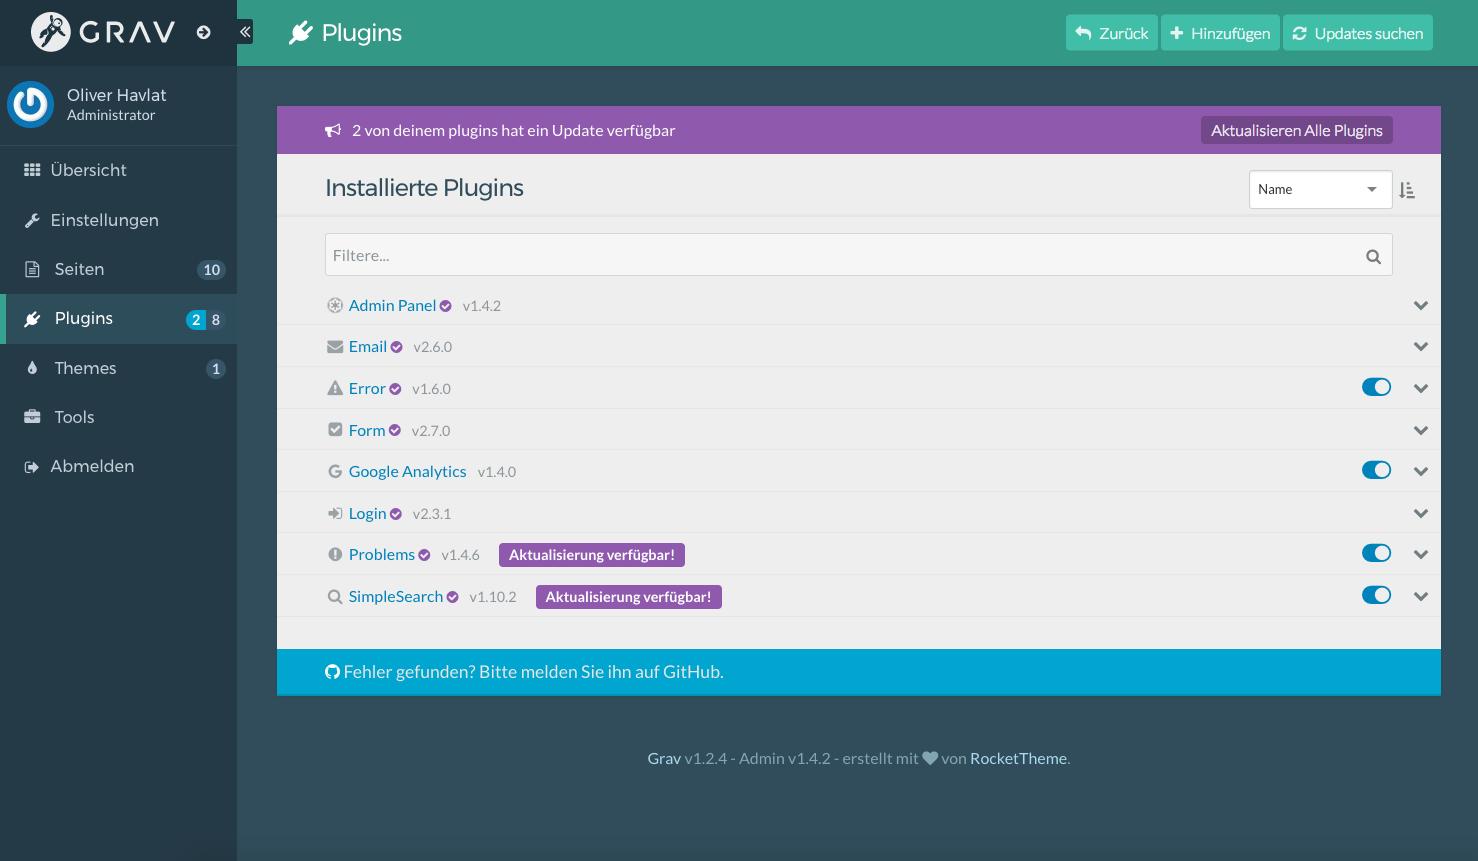 Grav bietet schon über 200 Plugins, mit denen sich die eigene Seite technisch aufrüsten lässt. Installiert werden die Plugins direkt aus der Admin-Oberfläche heraus. (Foto: Screenshot)